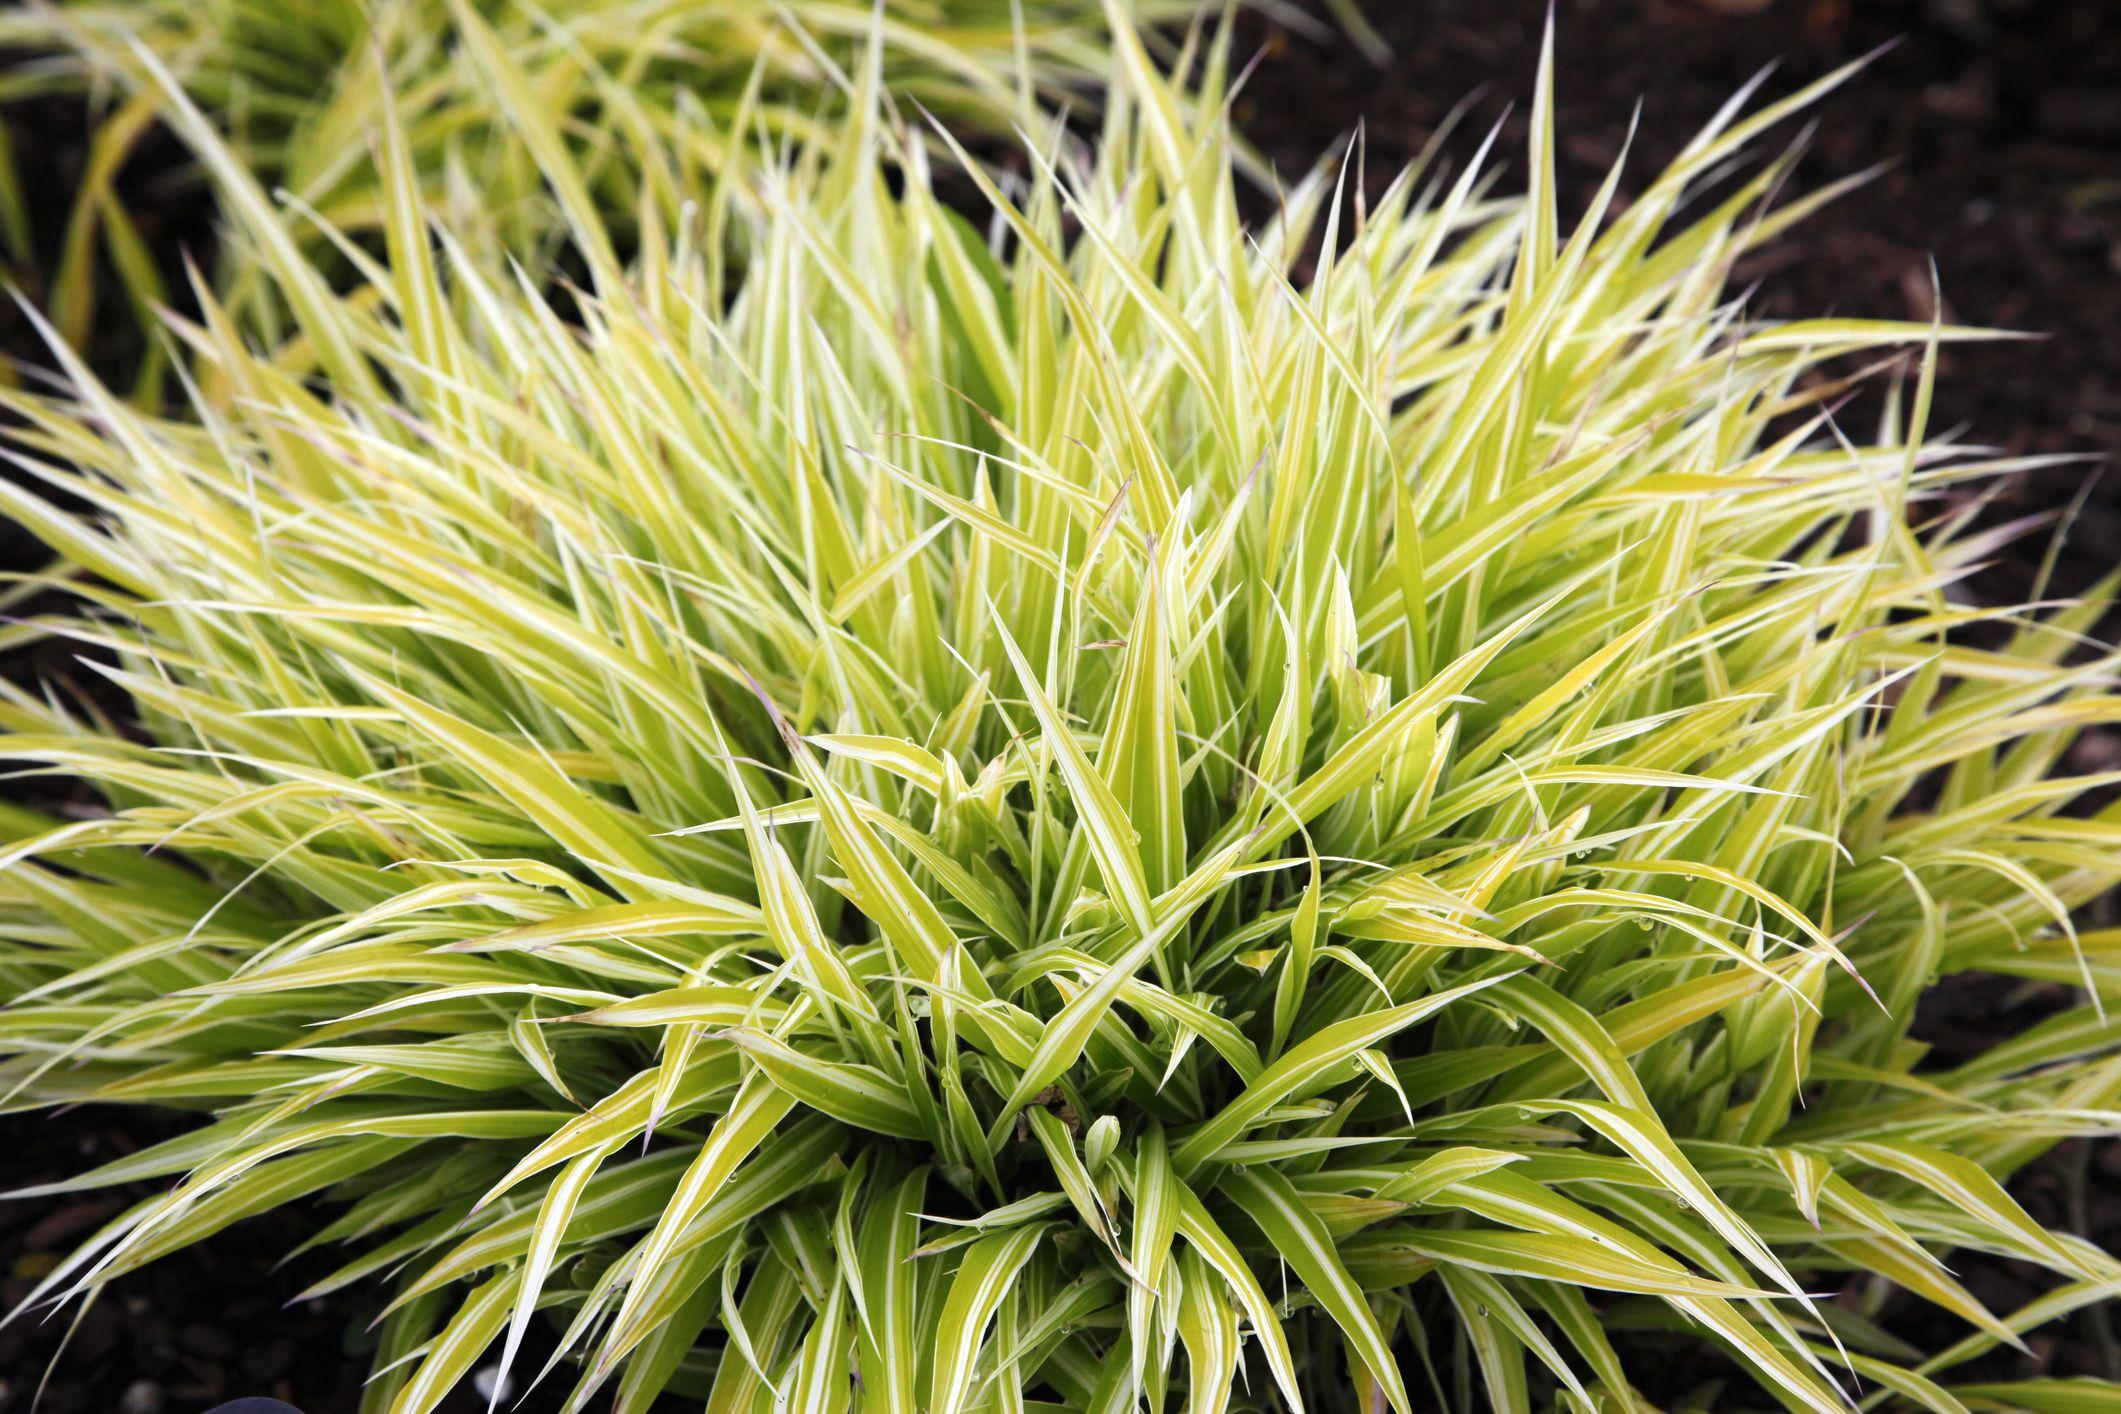 Golden Hakone Grass Facts Growing Tips